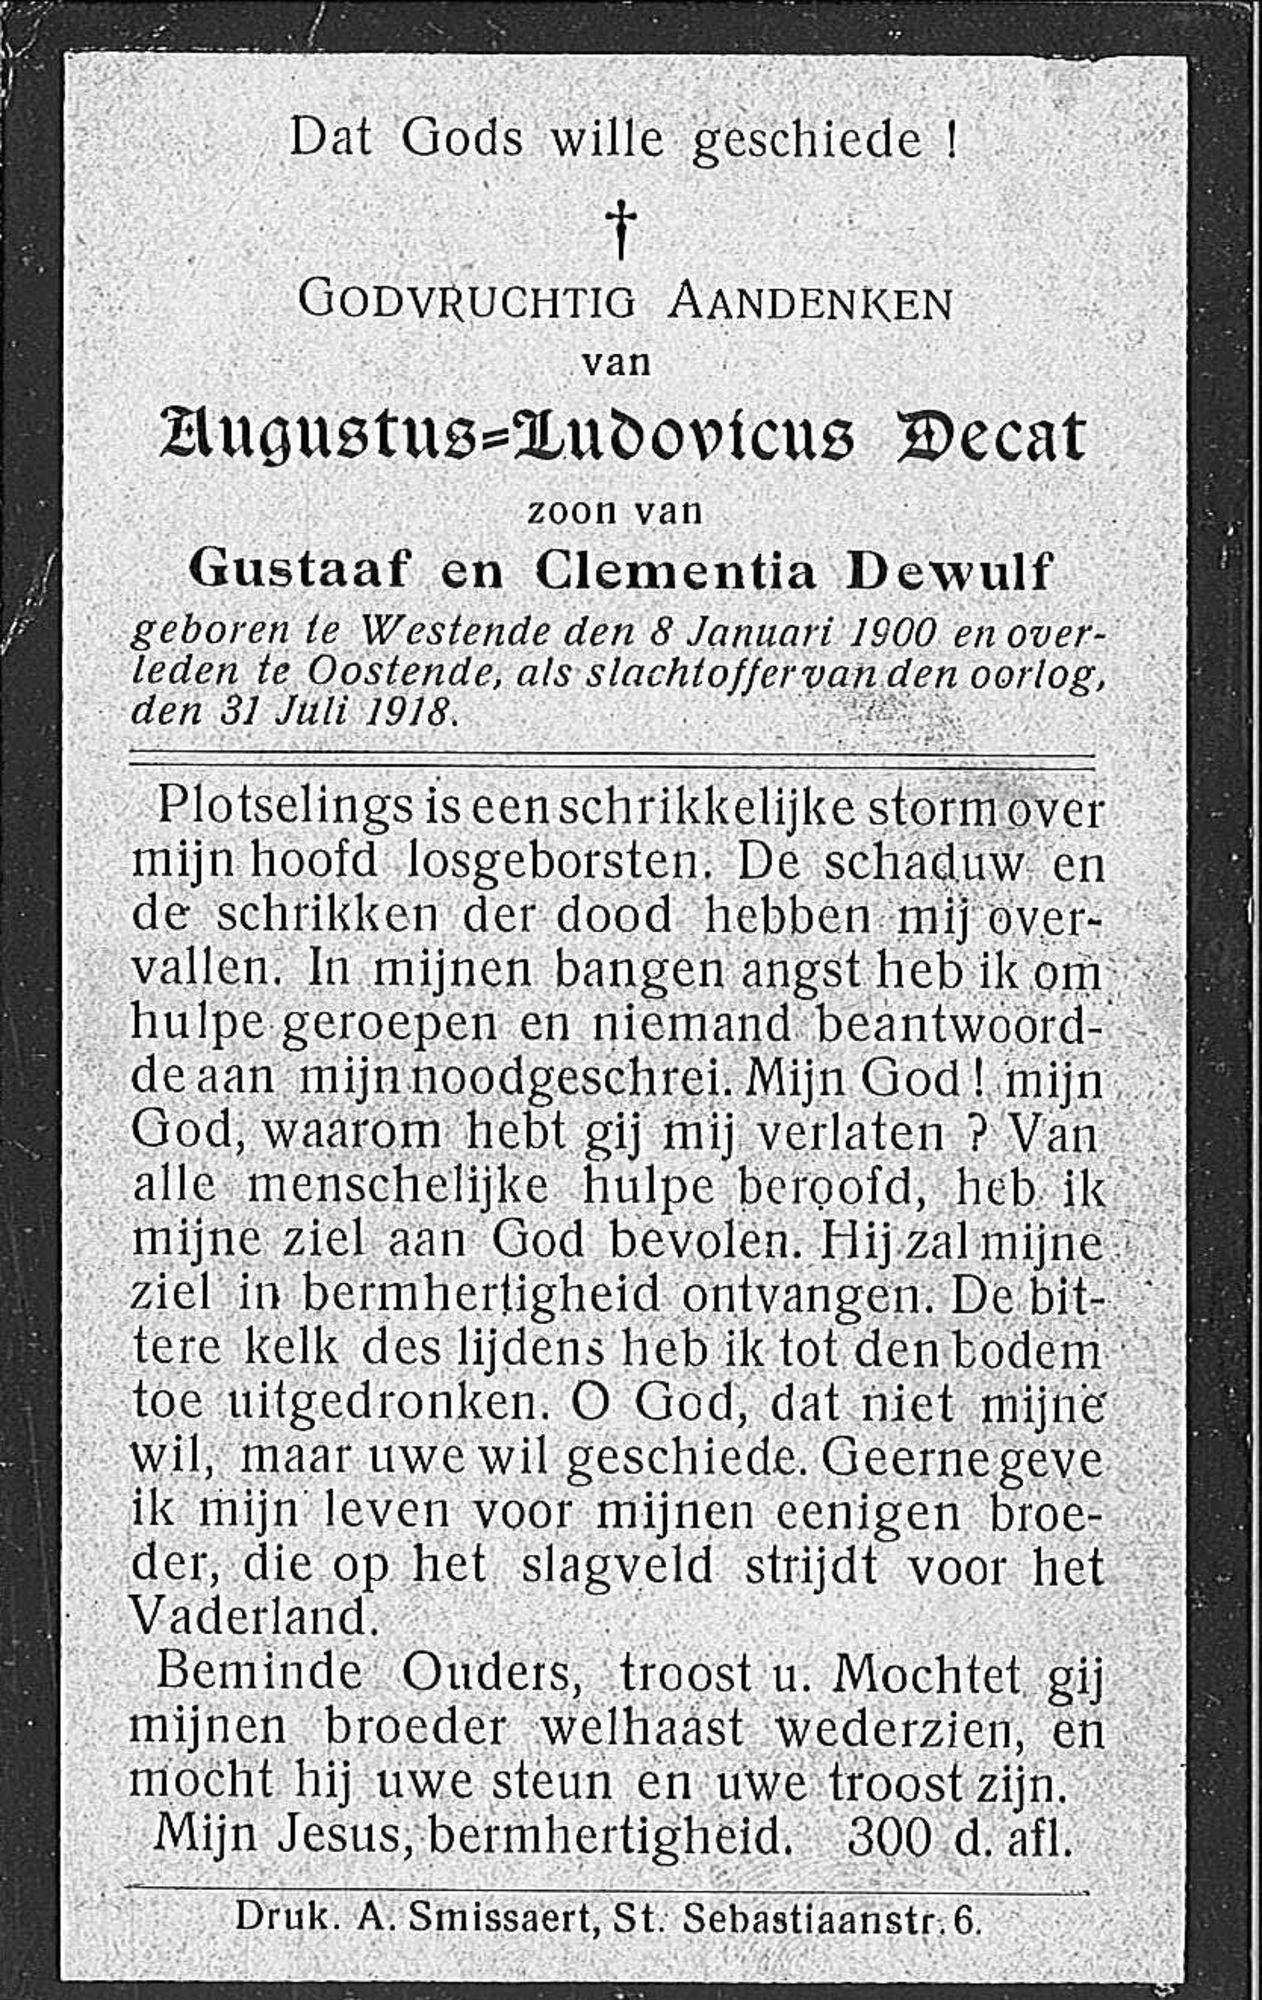 Augustus-Ludovicus Decat